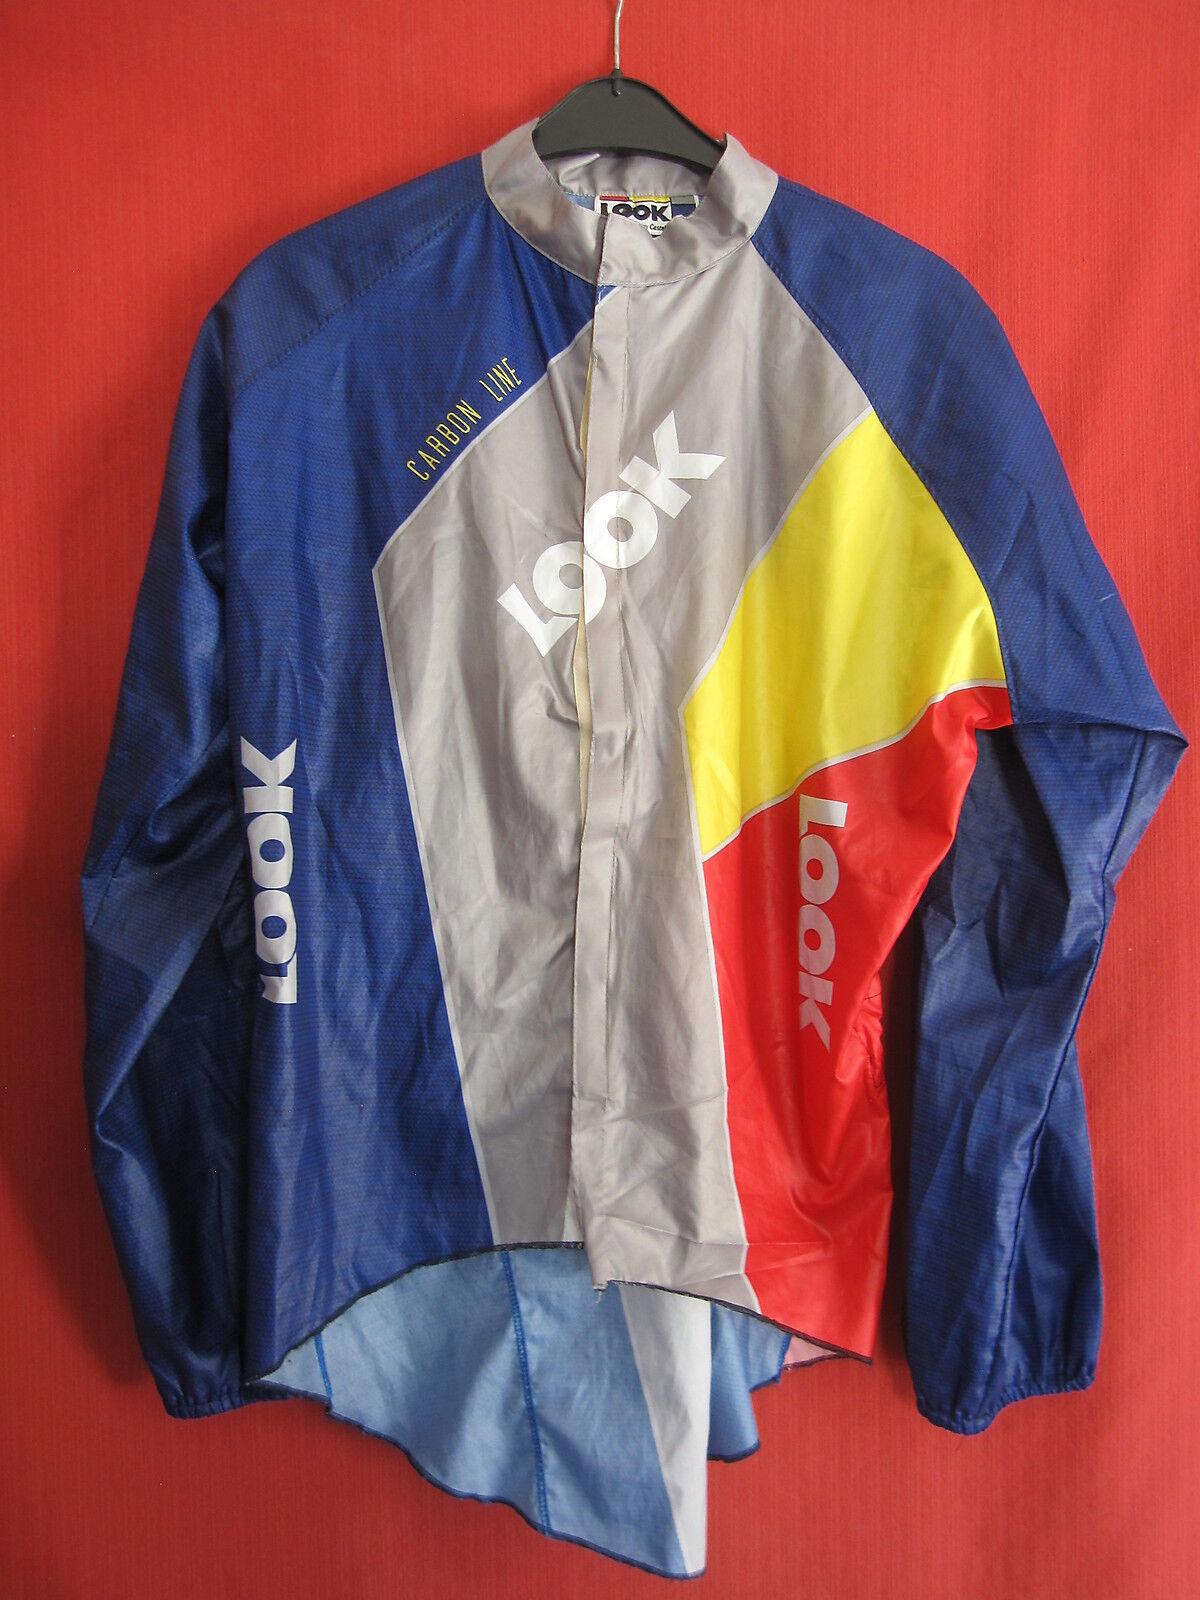 Veste coupe vent Carbon + pluie Vintage LOOK cycliste Carbon vent Line 90'S Rétro wind - XXL bf02cc